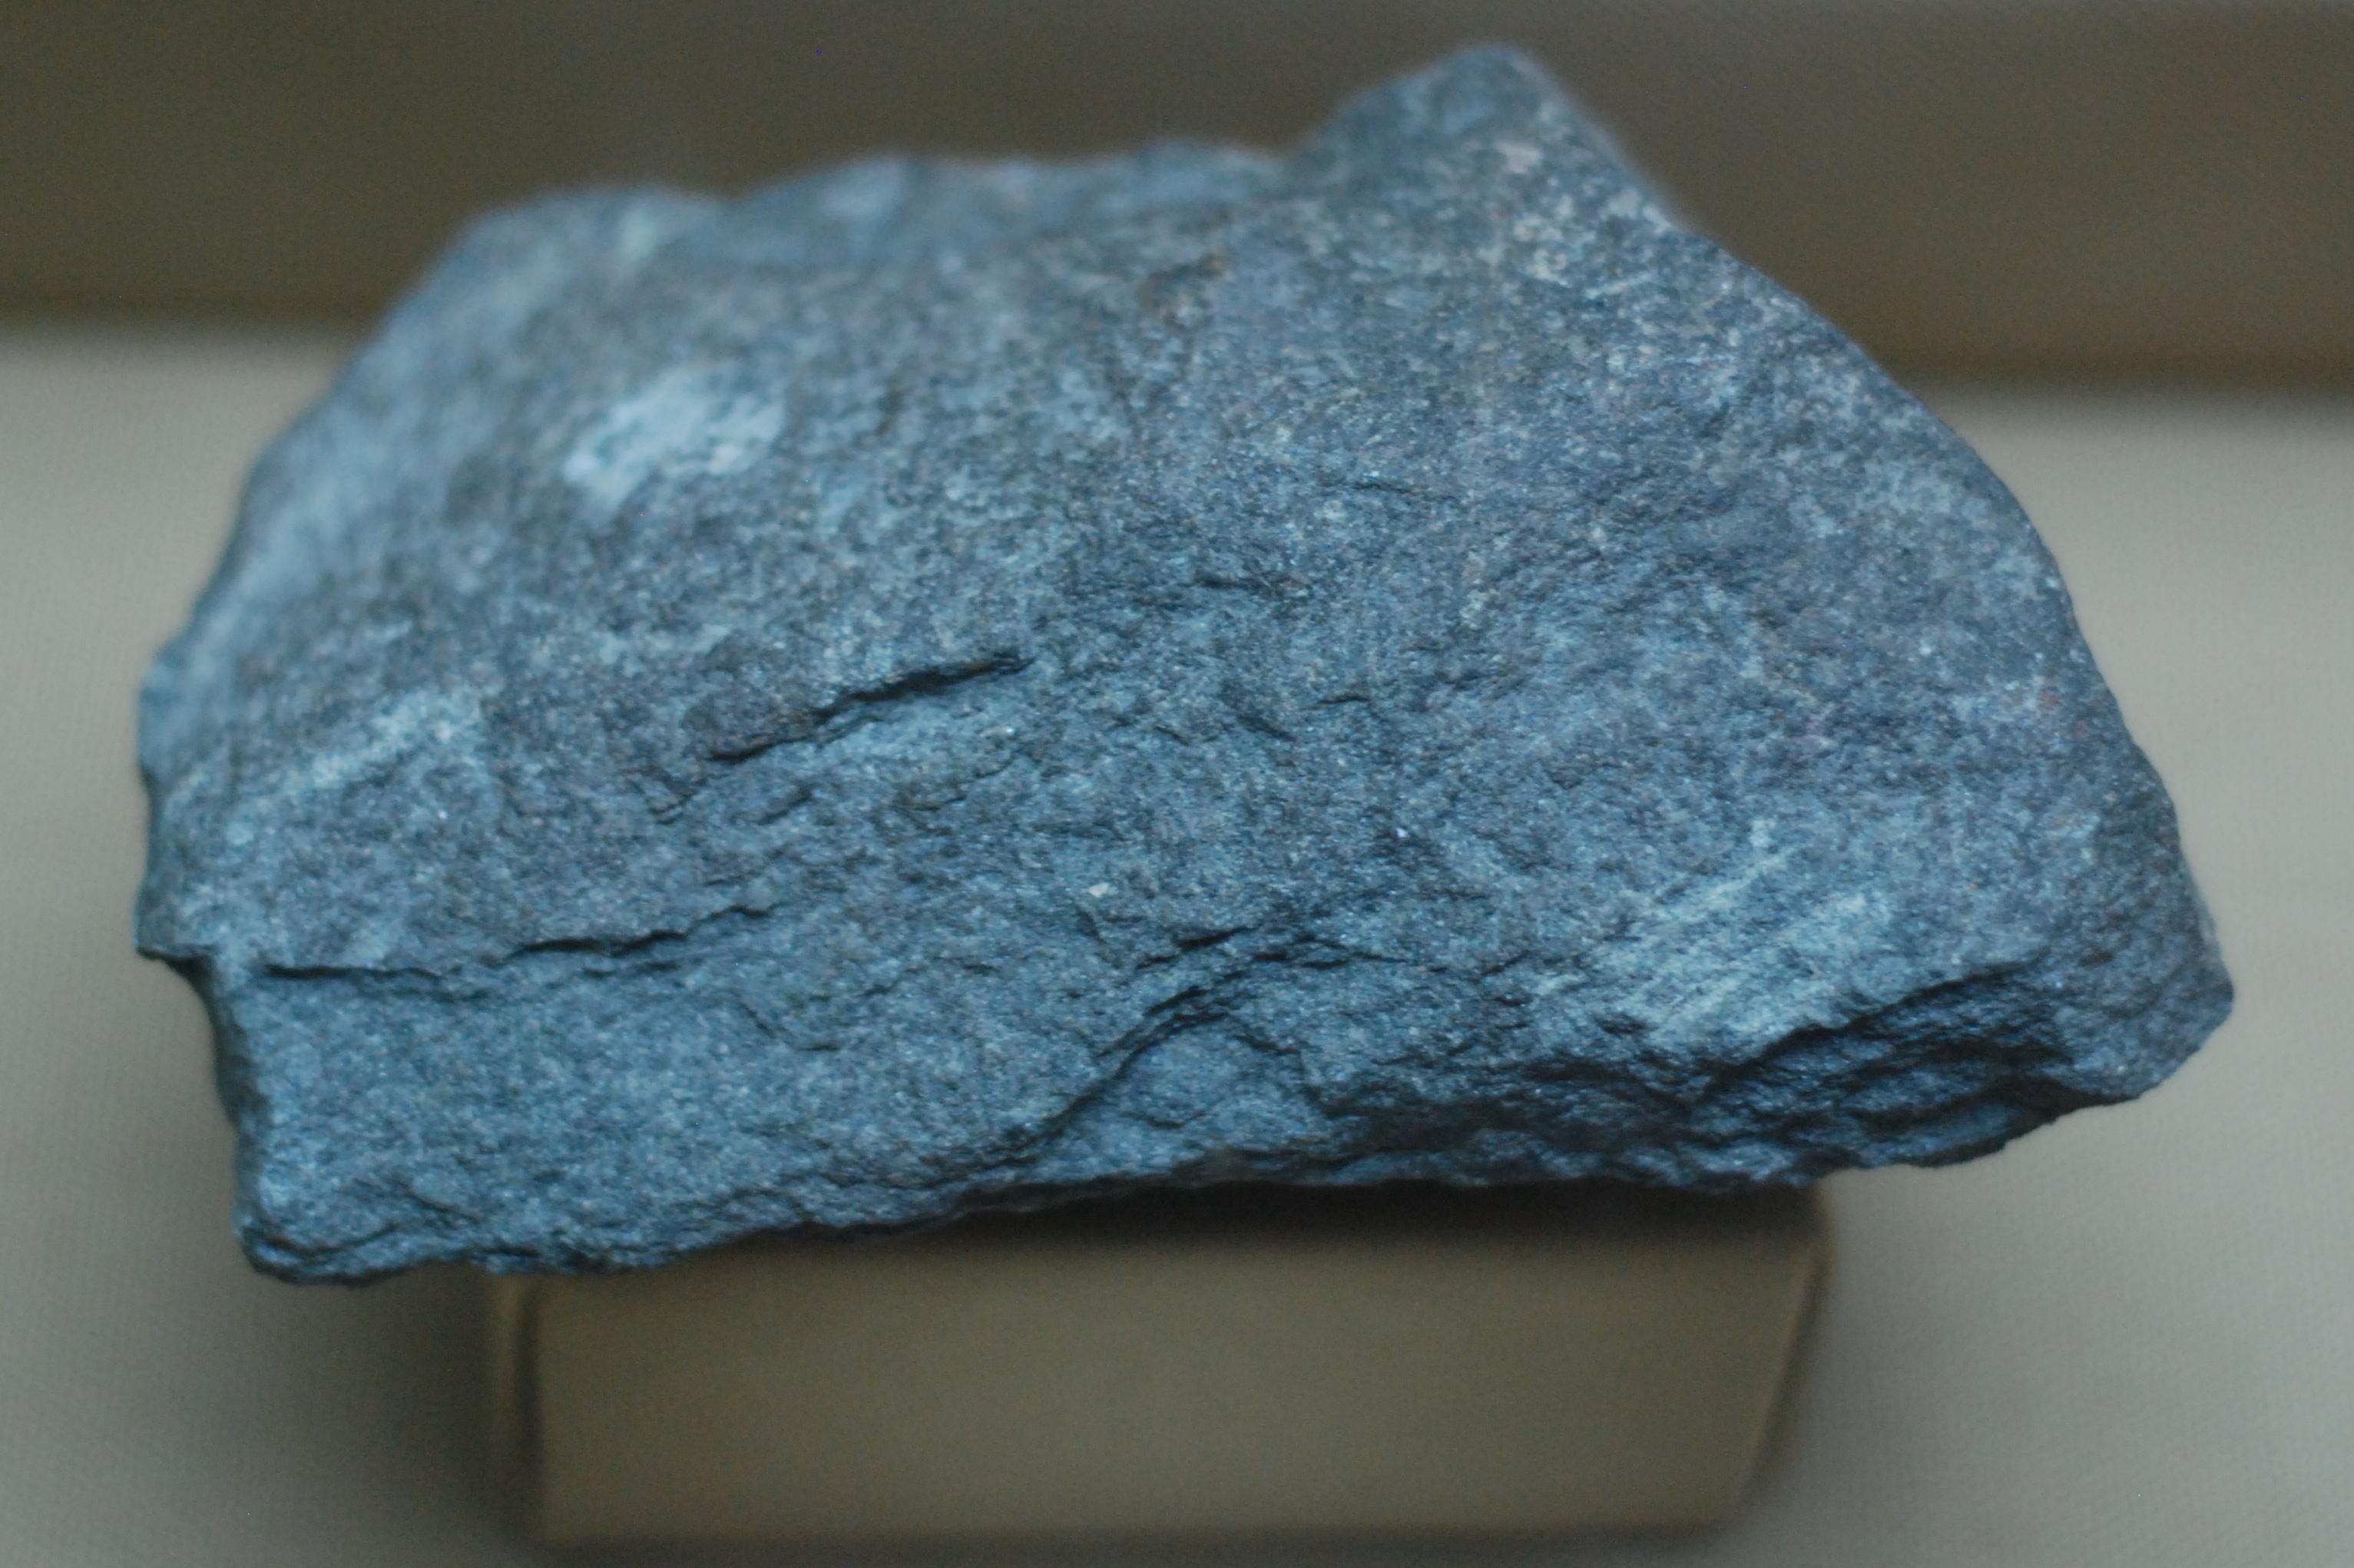 File museo de la plata wikimedia commons for Roca marmol